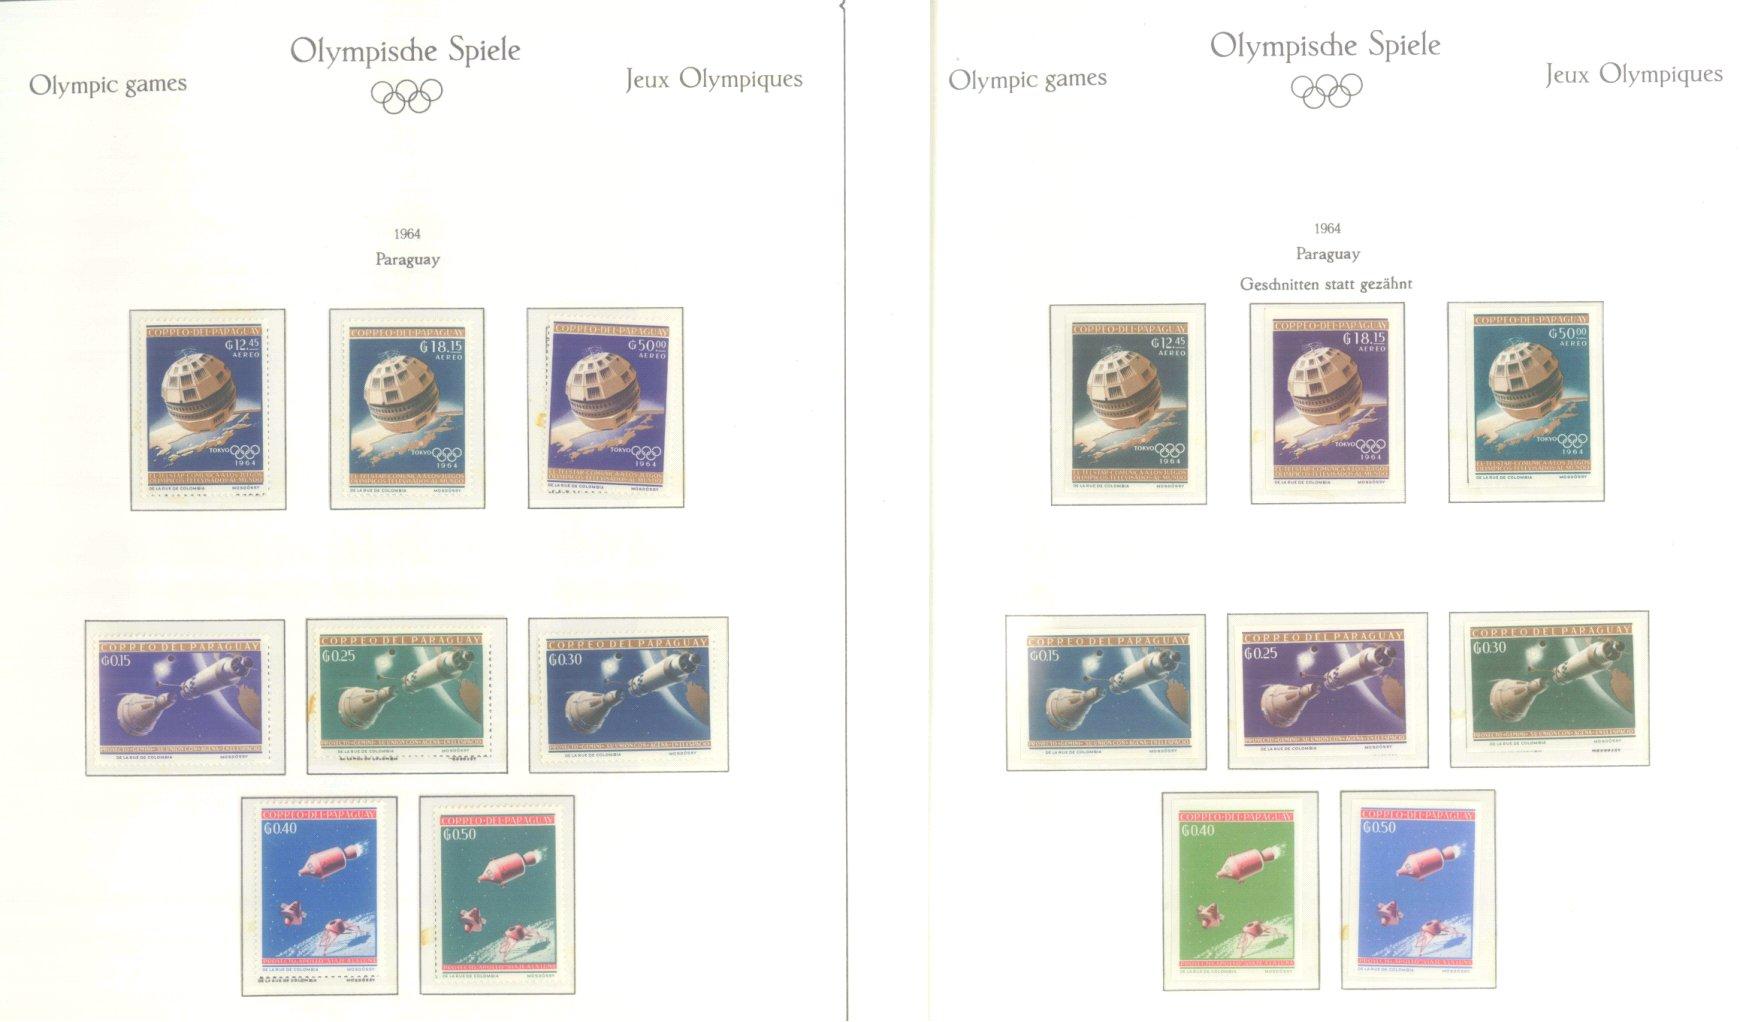 OLYMPISCHE SPIELE 1964 TOKIO, postfrische Sammlung Teil 2-17